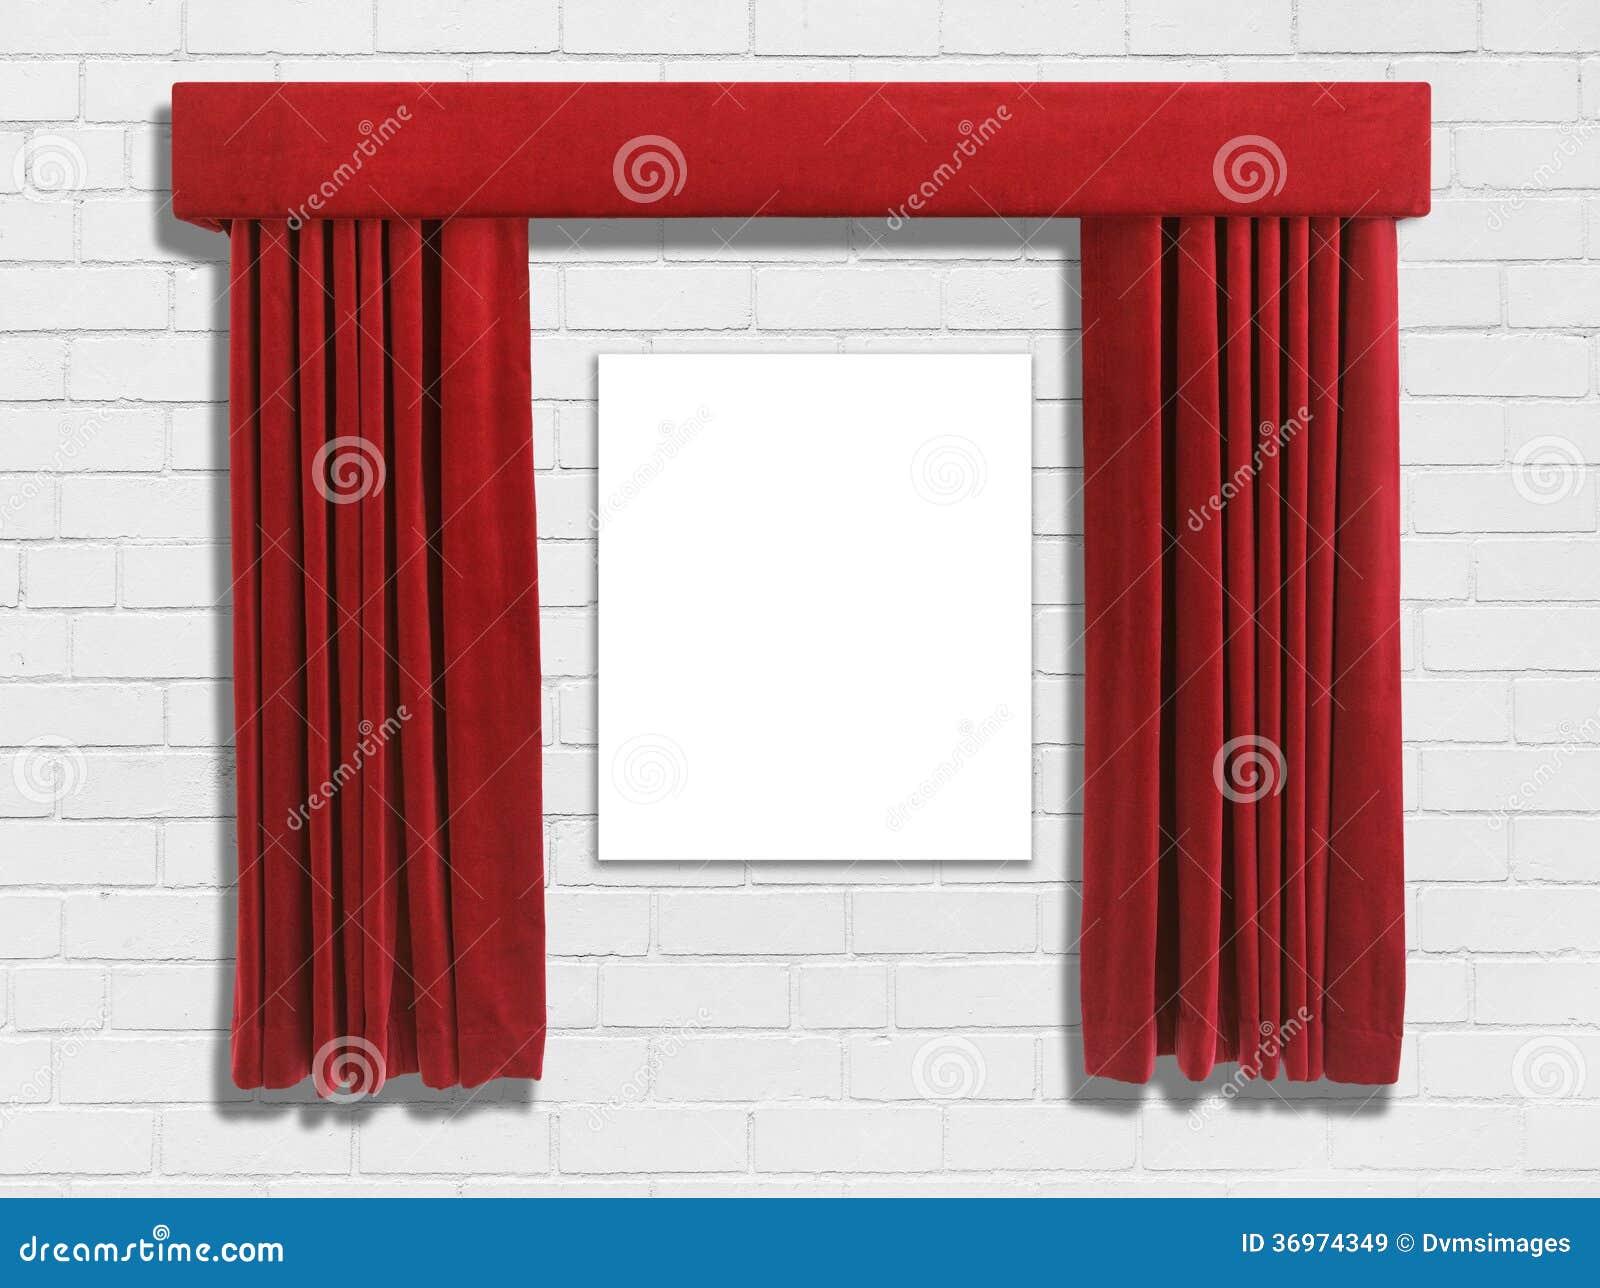 Czerwone Zasłony Obrazy Royalty Free - Obraz: 36974349